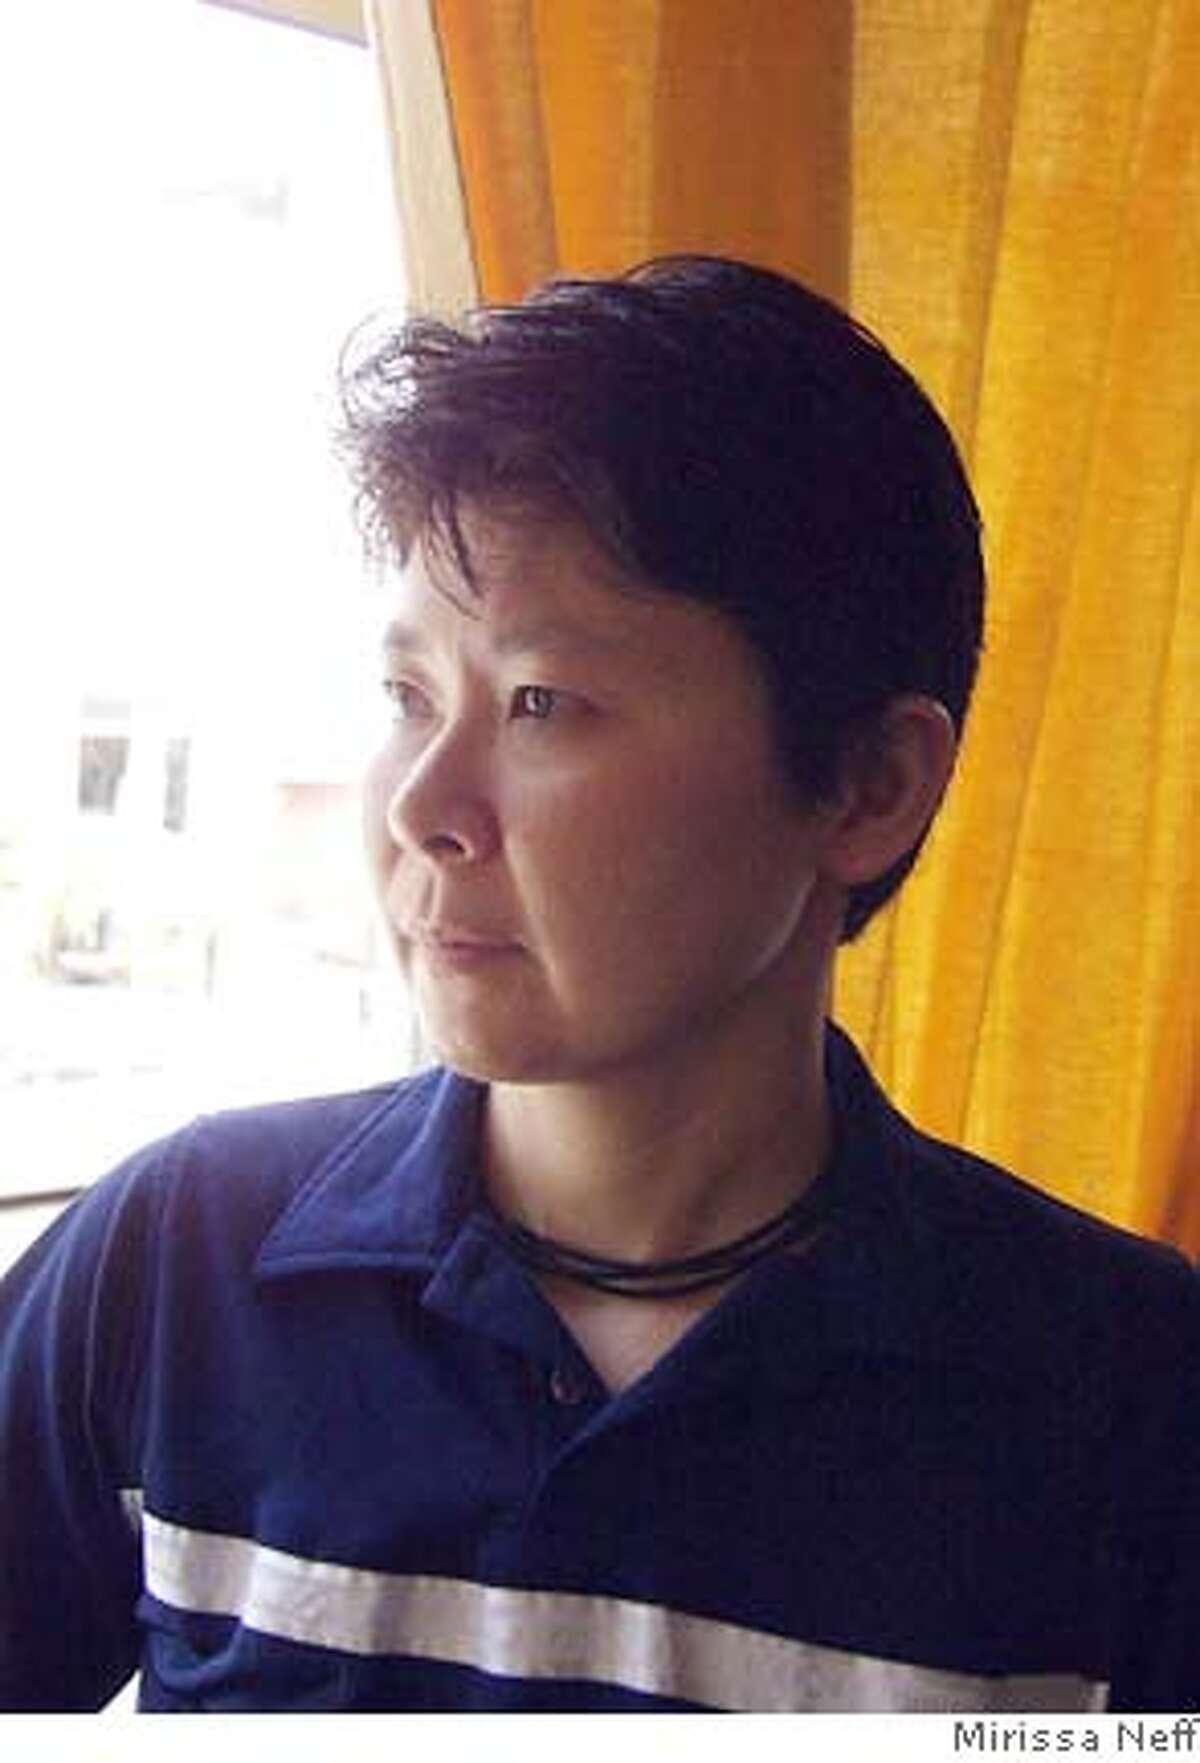 Photo of filmmaker Mirissa Neff. Credit: Mirissa Neff